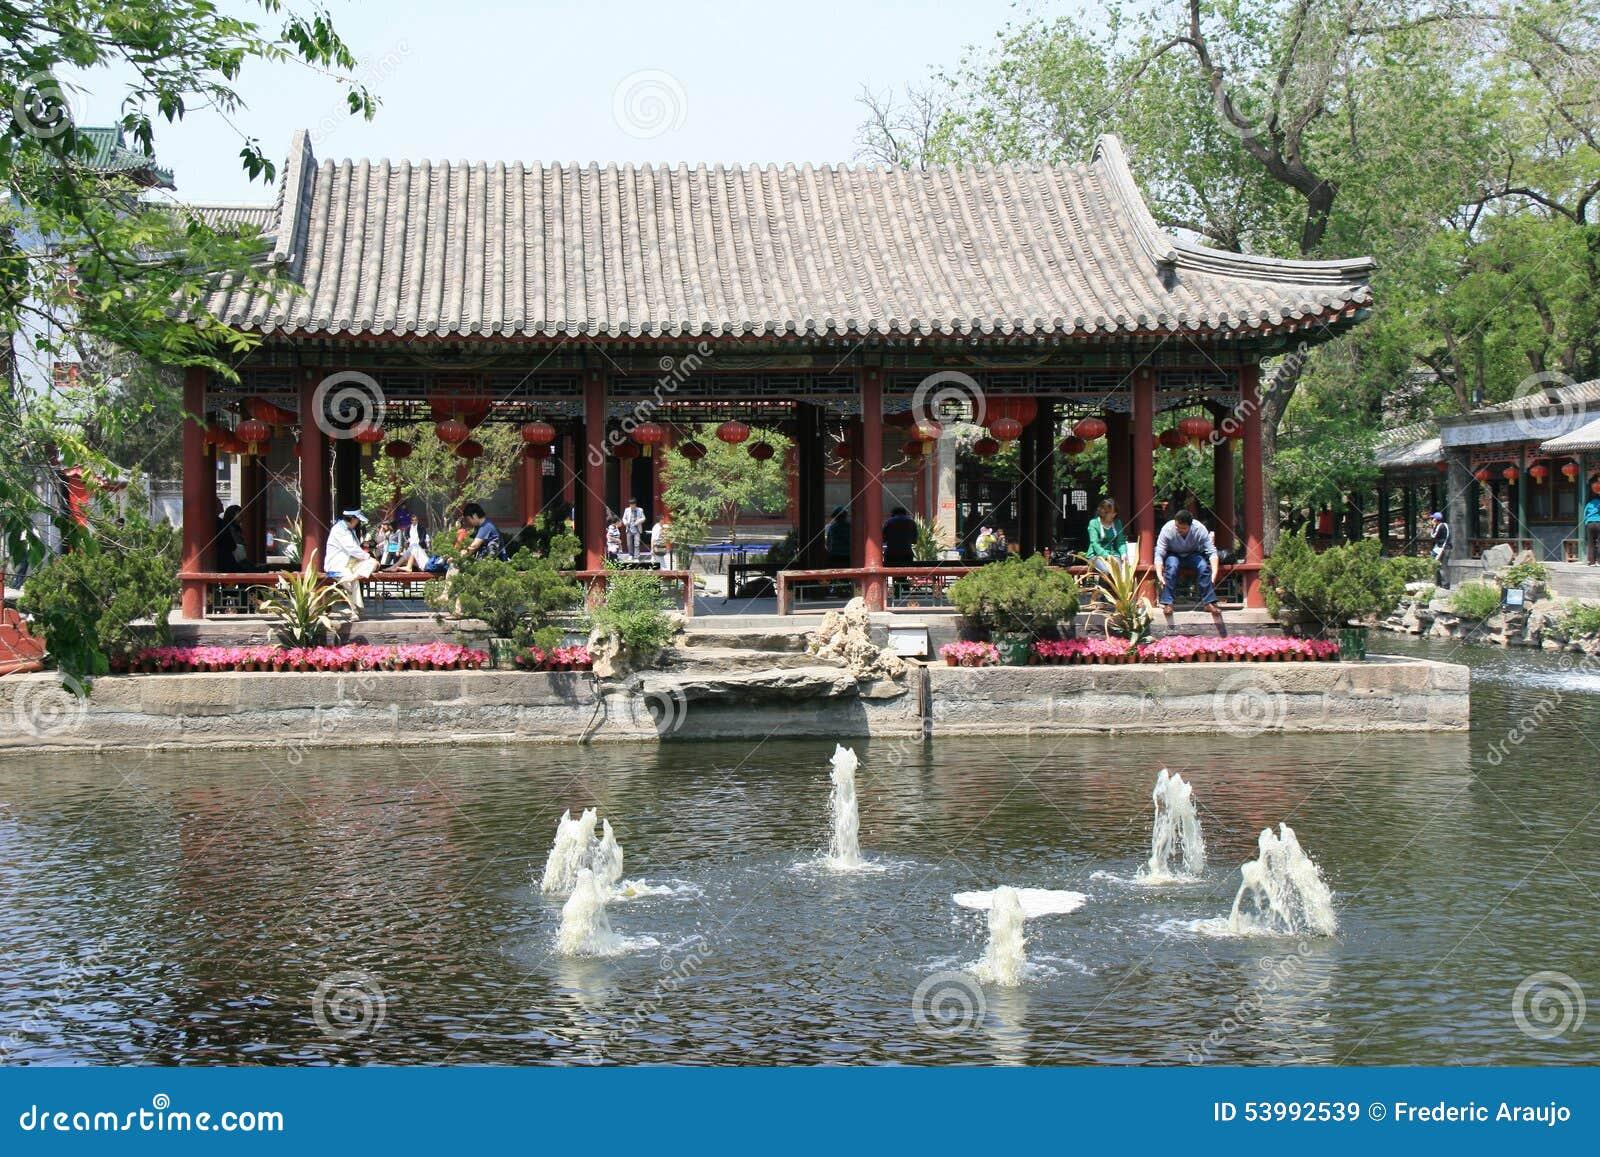 Павильон - принц Гонг Особняк - Пекин - Китай (4)